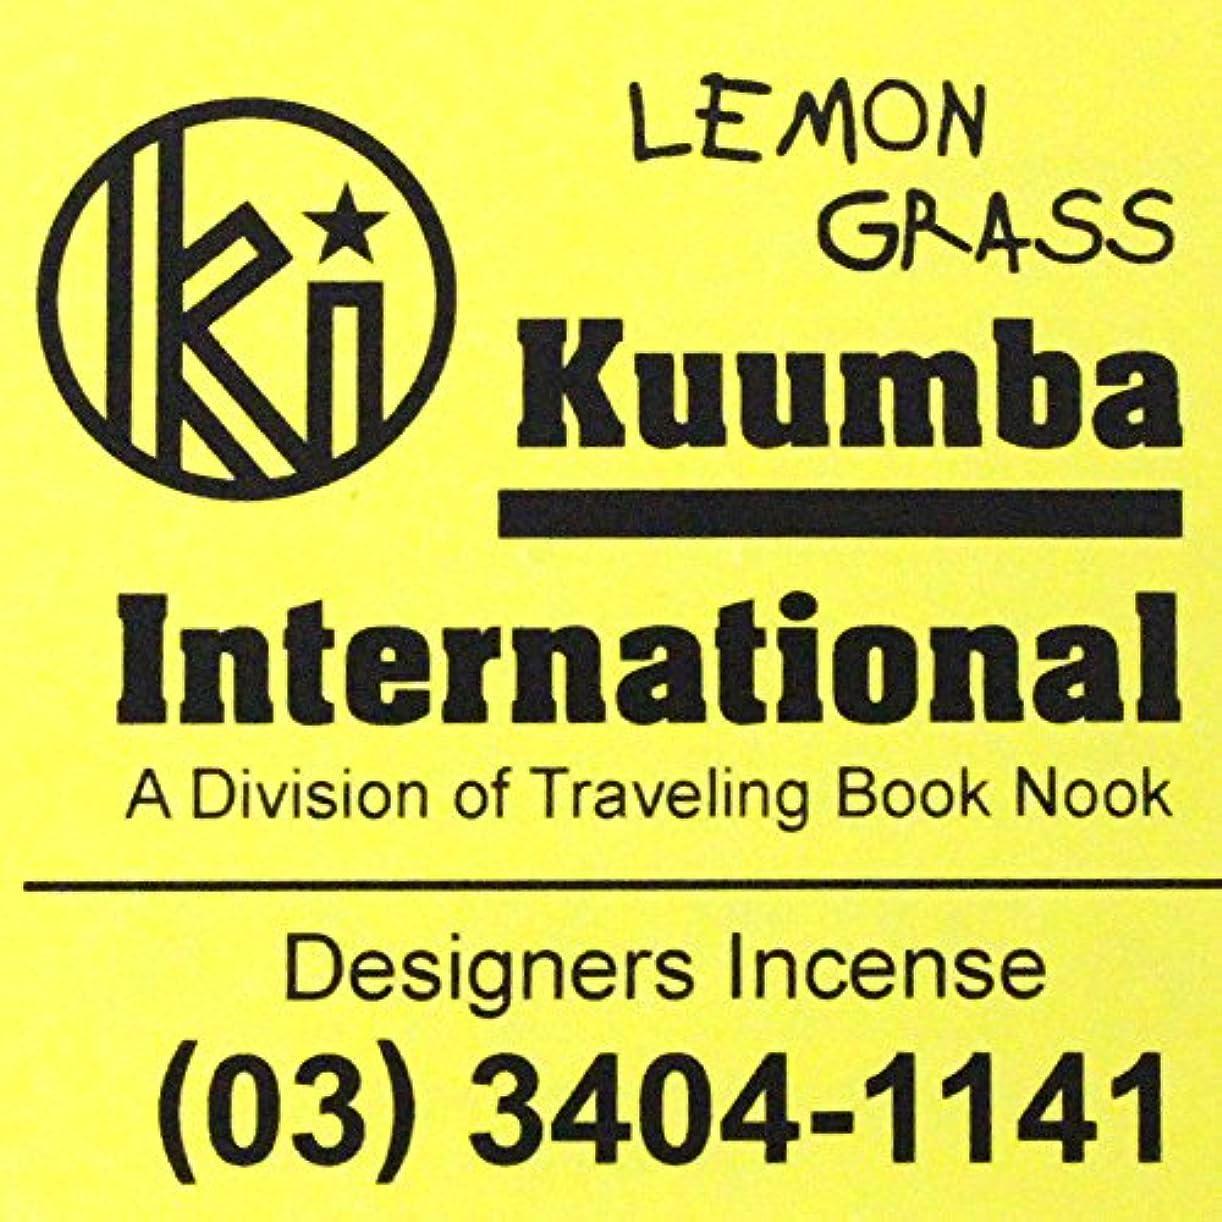 偏心完璧なビジョン(クンバ) KUUMBA『incense』(LEMON GRASS) (Regular size)